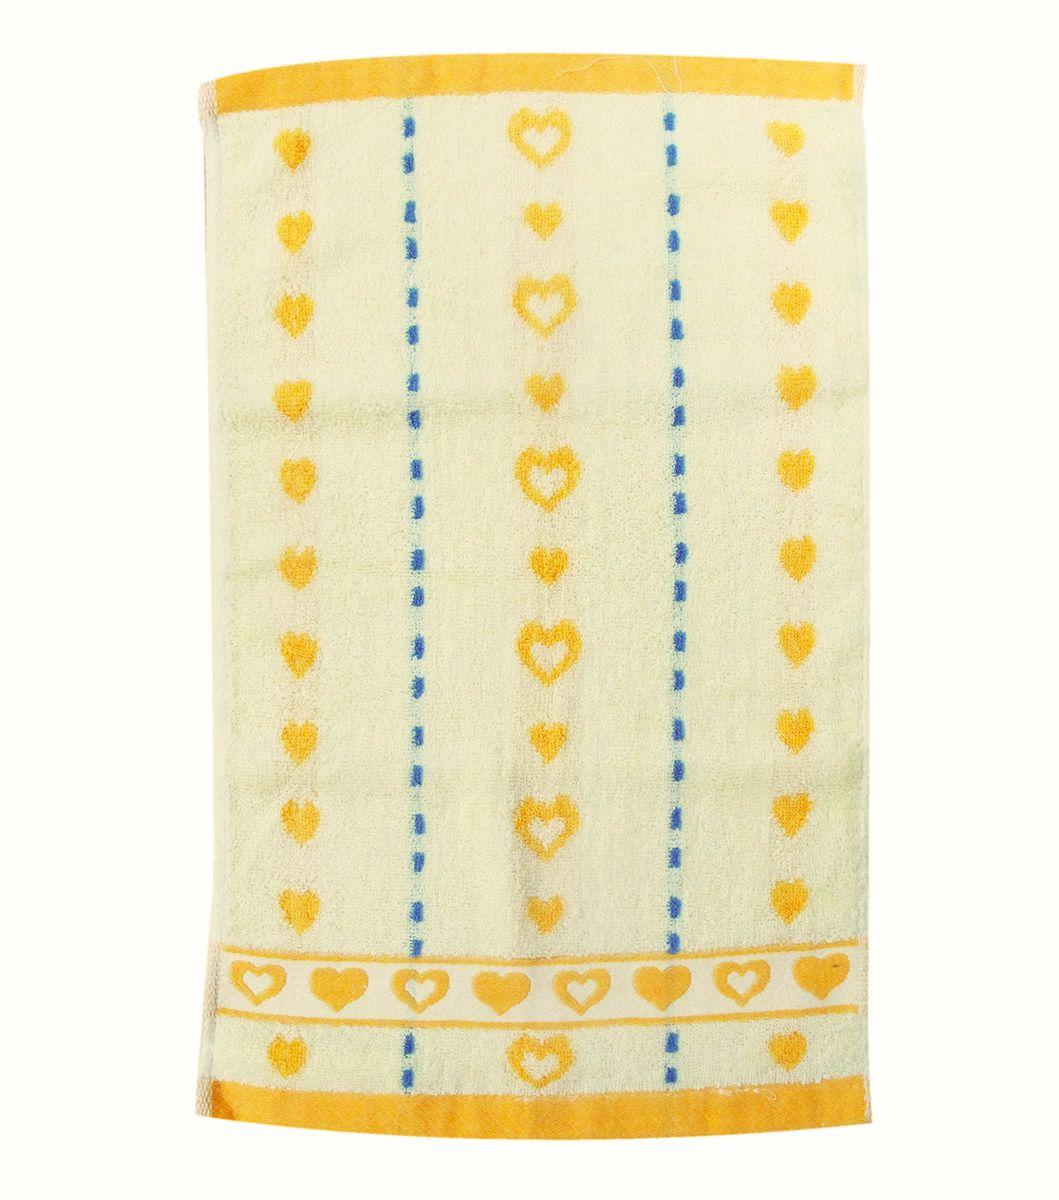 Полотенце махровое НВ Магнит, цвет: желтый, 30 х 50 см. м0737_0685183